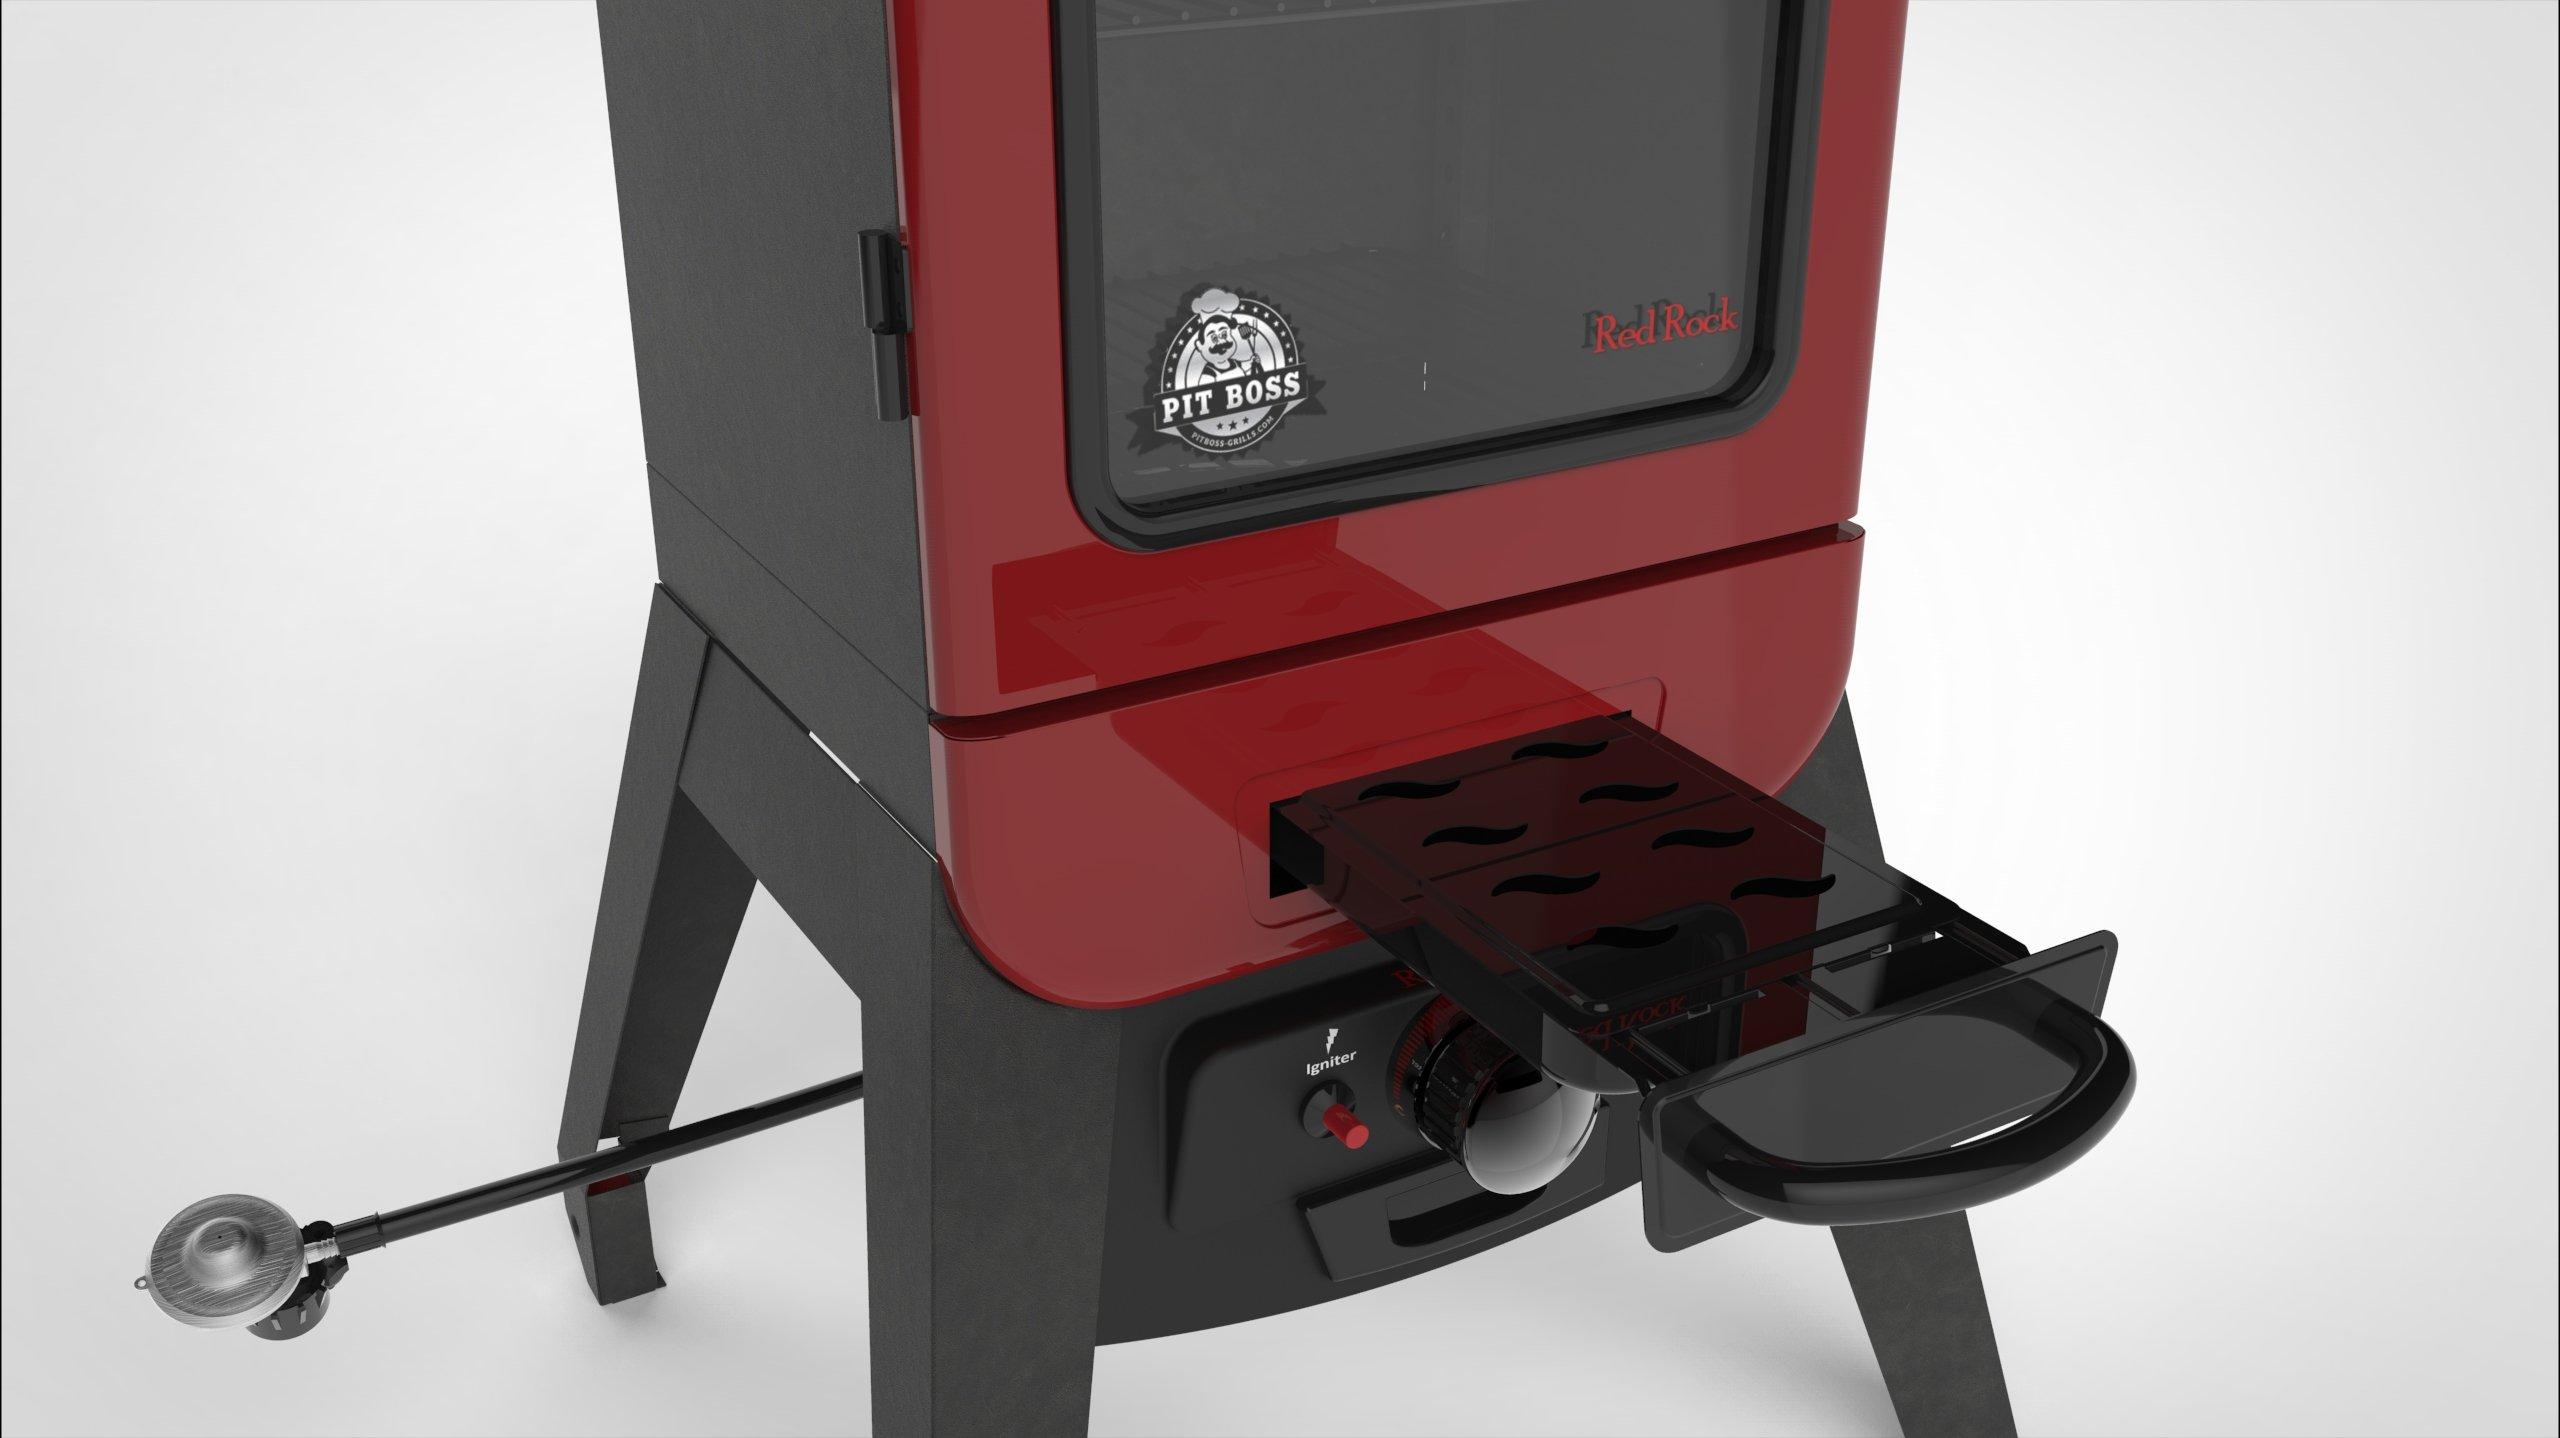 Pit Boss Grills 77425 2.5 Gas Smoker